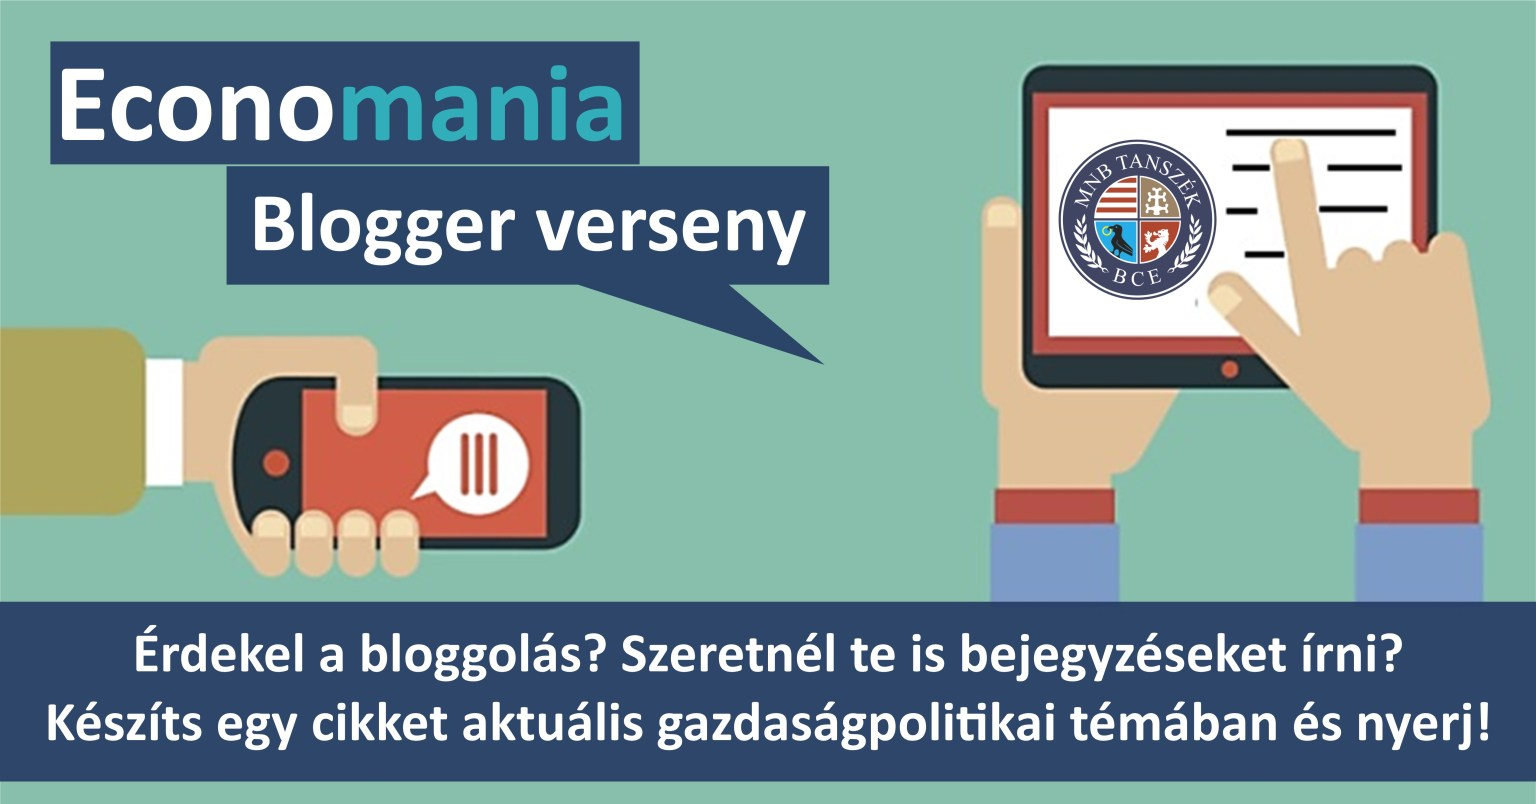 MNB Tanszék blogger verseny Corvinus Egyetem